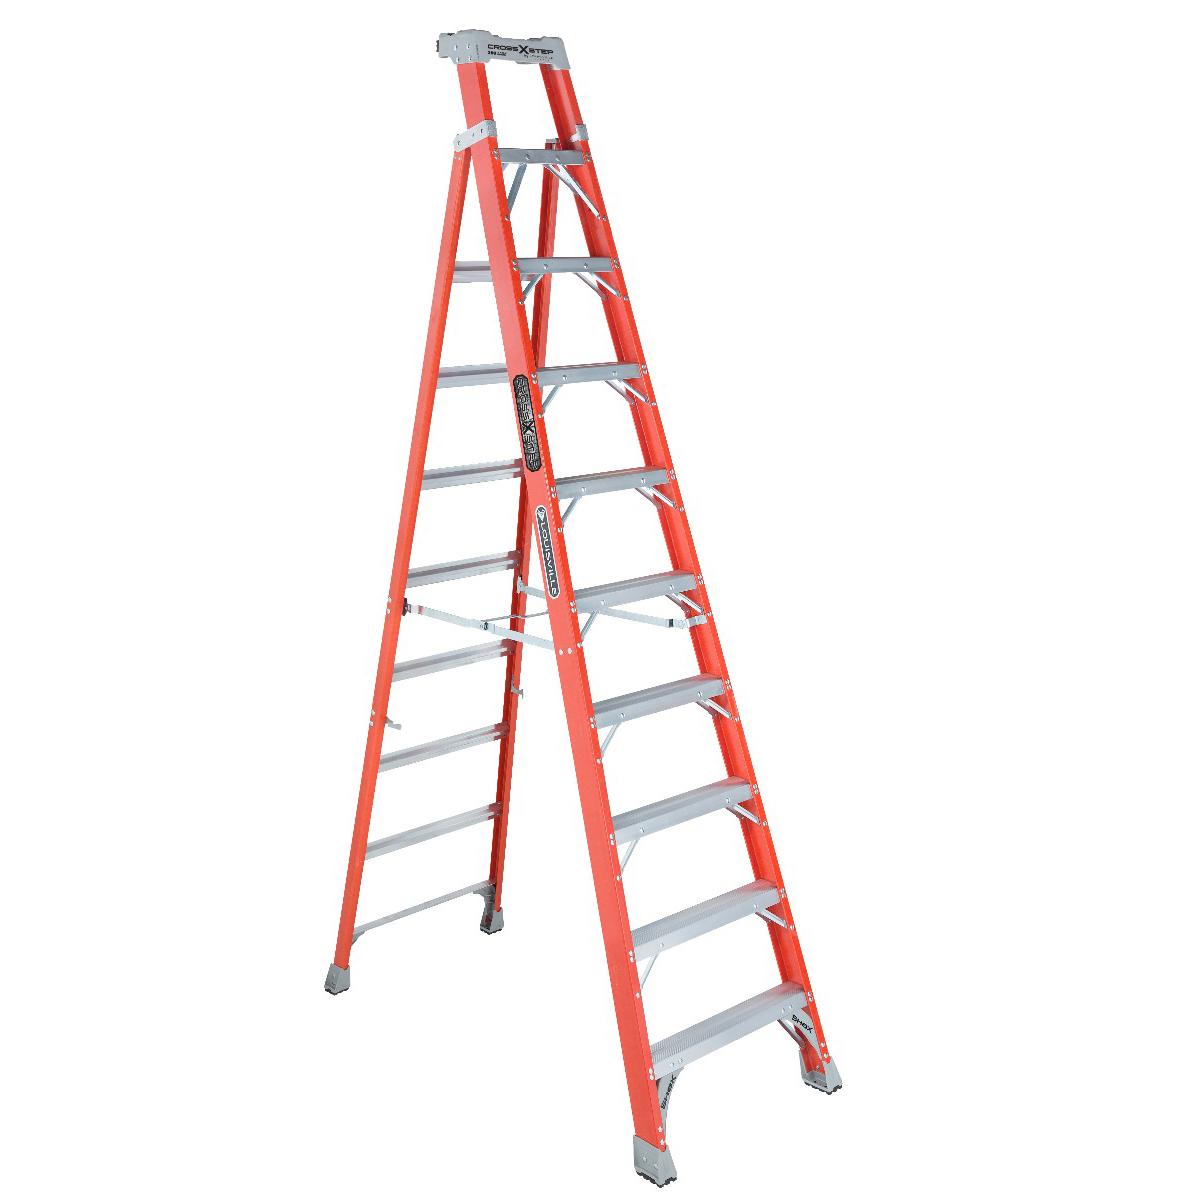 Louisville Ladder(ルイビルラダー) ファイバーはしご脚立クロスステップ[ オレンジ]耐荷重135kg【10ft(300cm)】